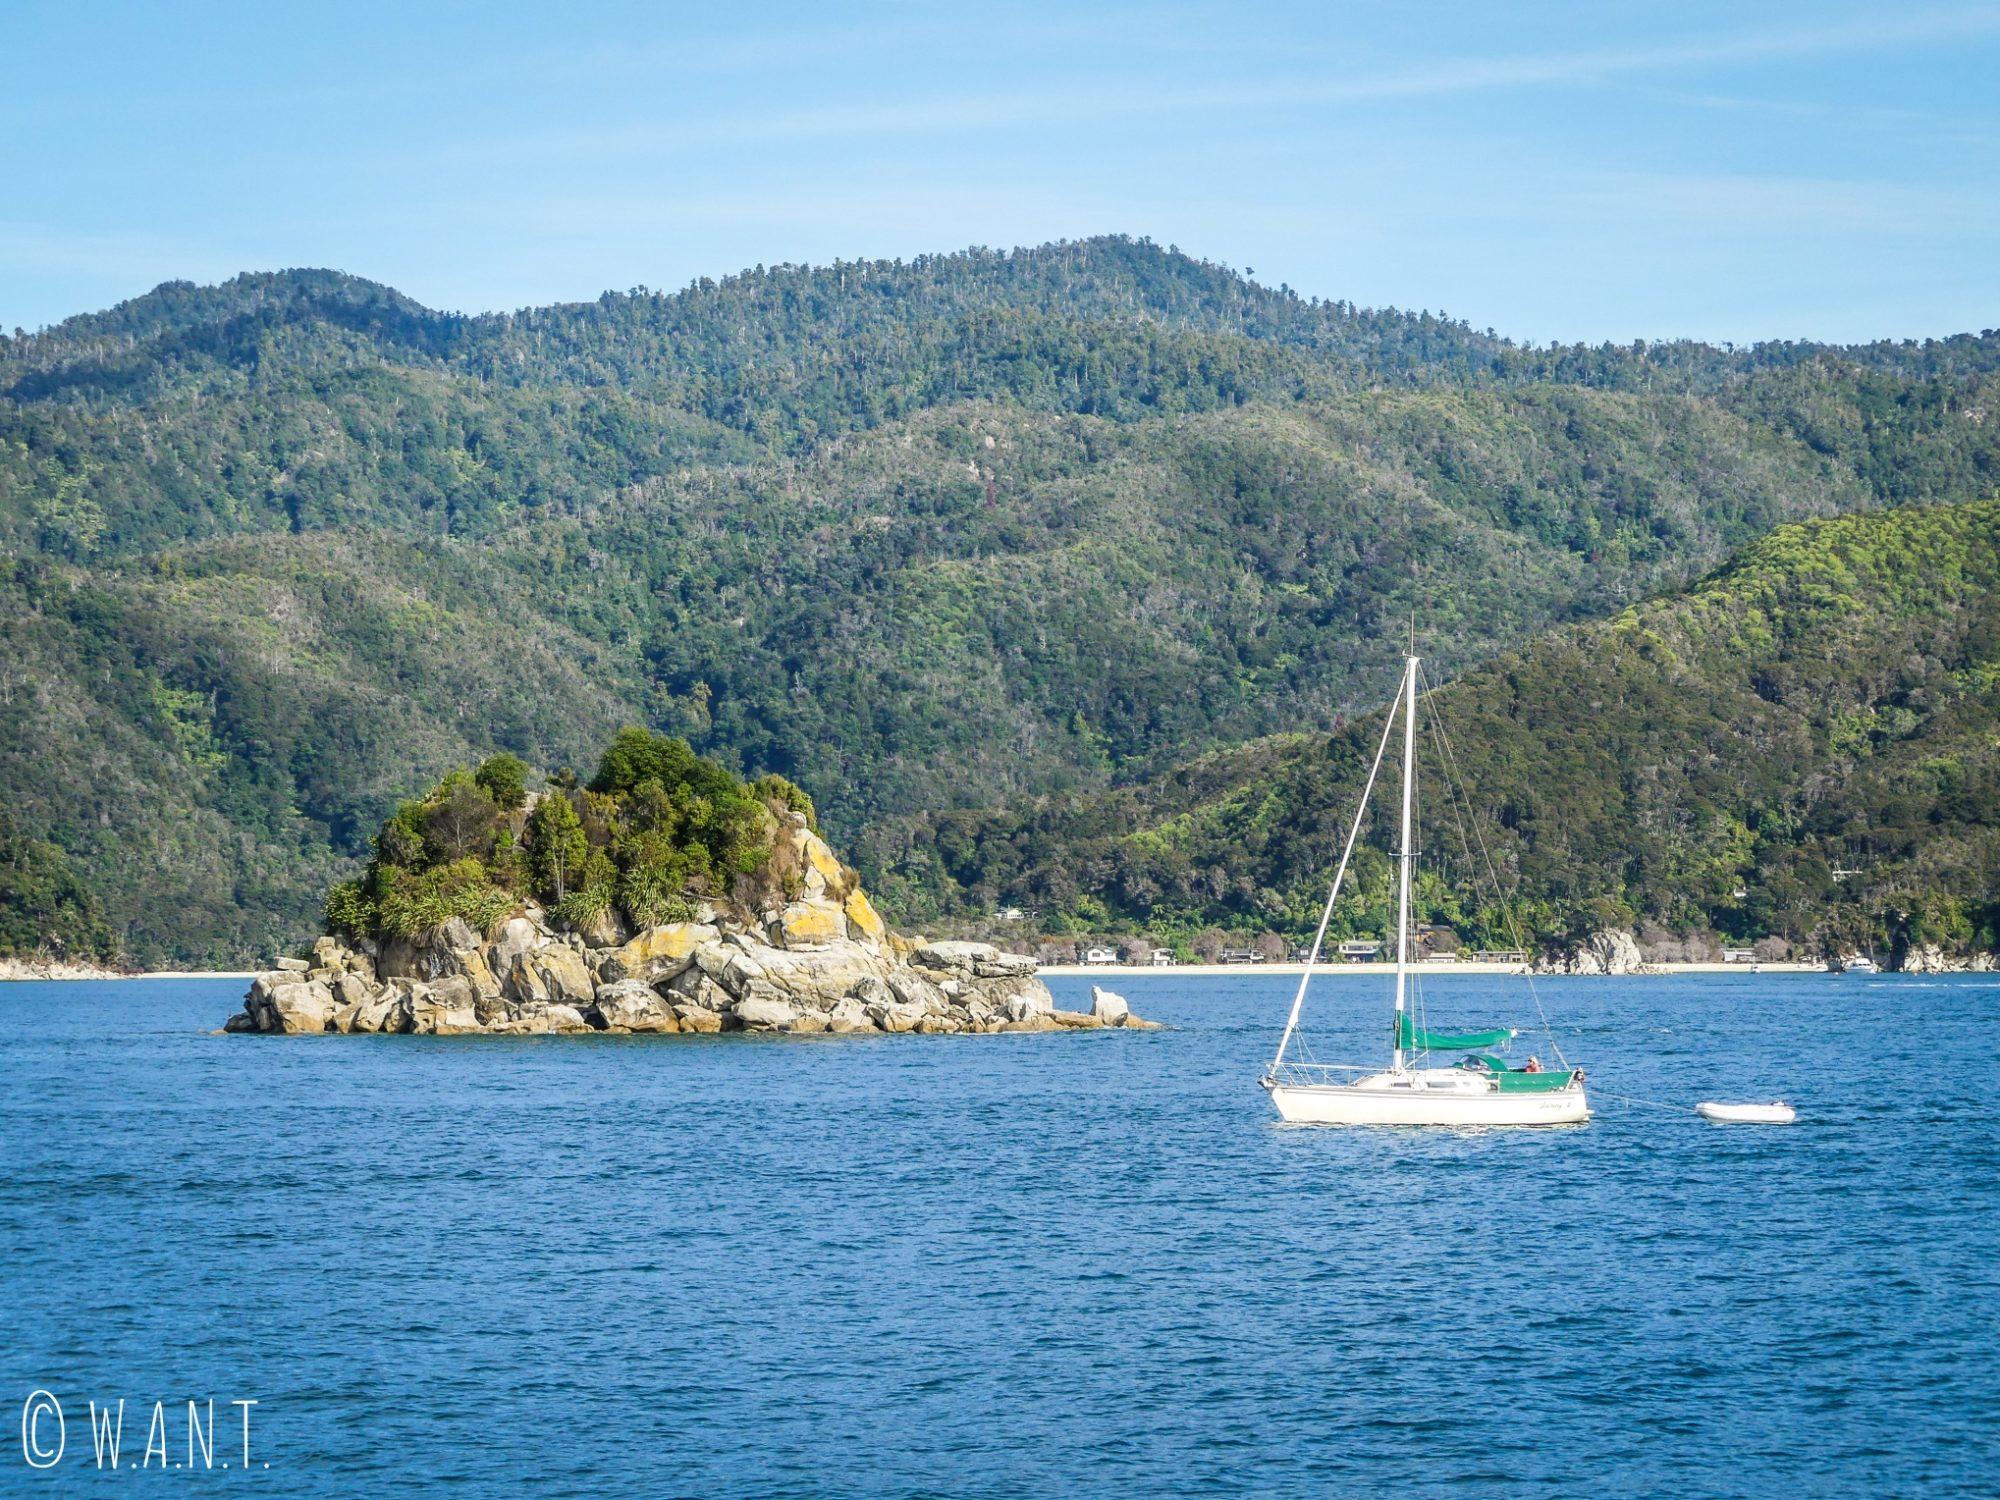 Les bateaux sont nombreux à naviguer sur les rives du parc national Abel Tasman en Nouvelle-Zélande